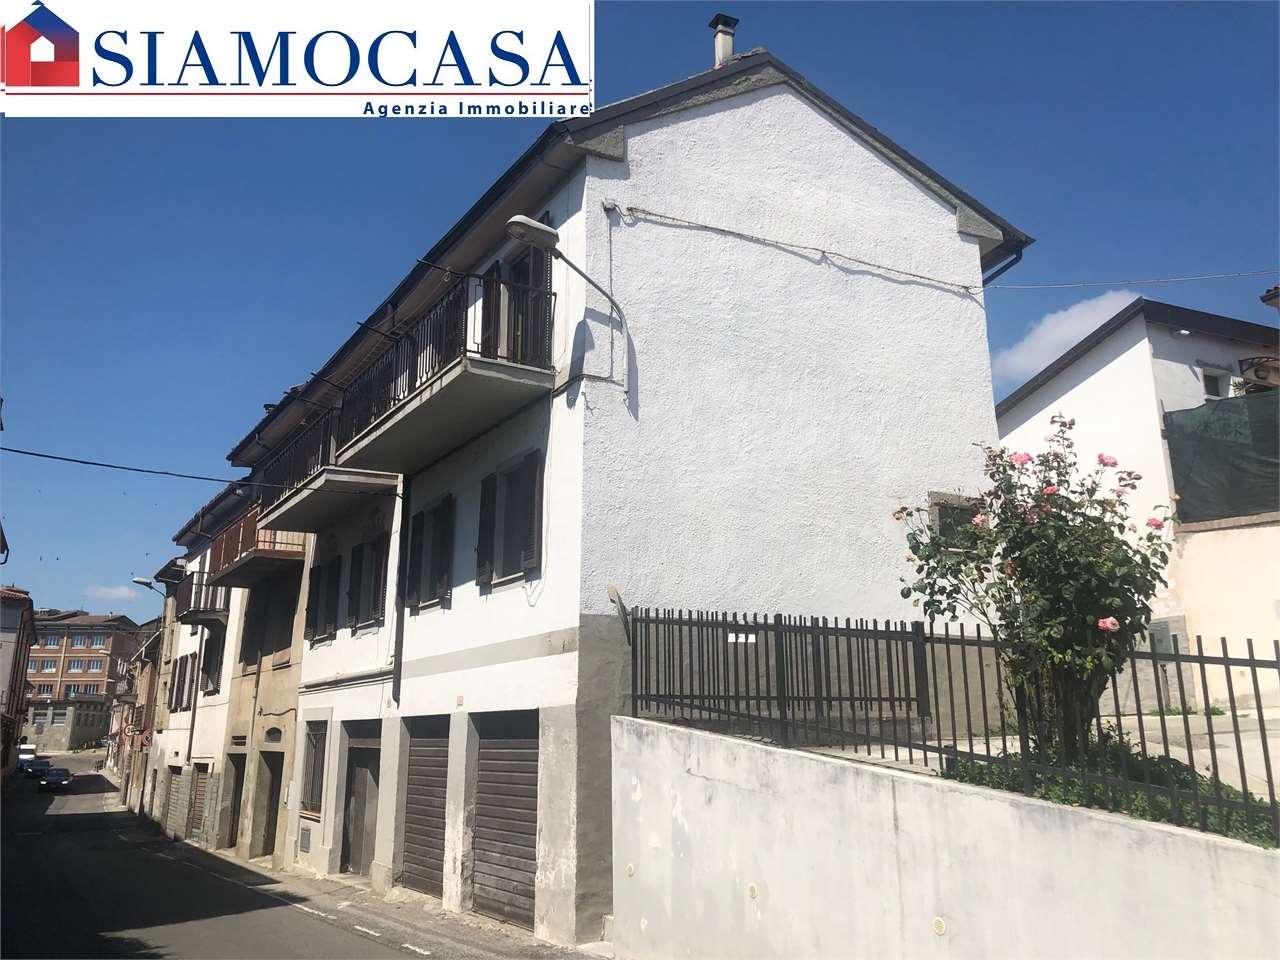 Soluzione Indipendente in vendita a San Salvatore Monferrato, 5 locali, prezzo € 165.000 | PortaleAgenzieImmobiliari.it